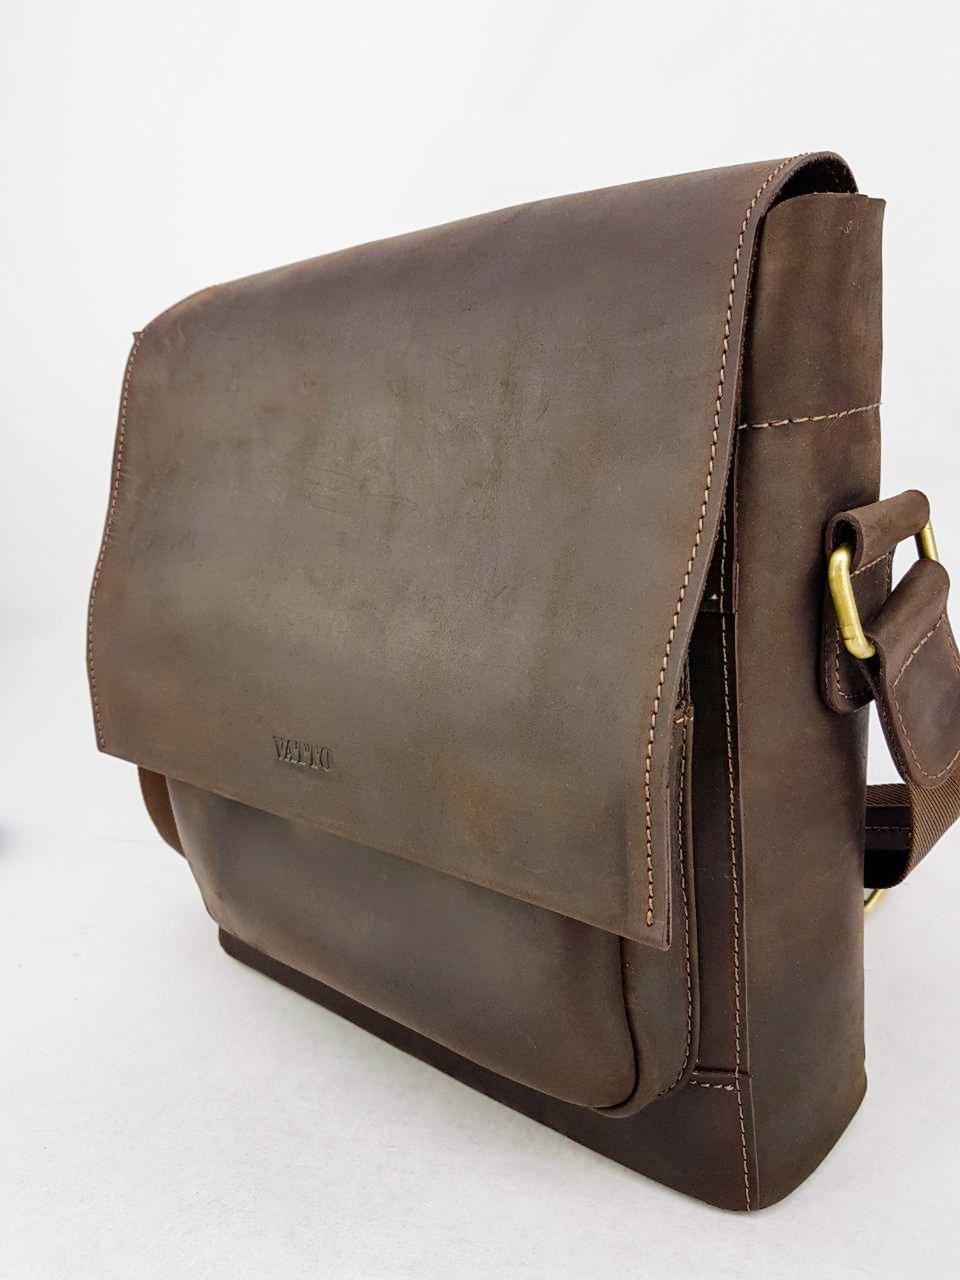 5e8ba271ea35 Мужская сумка VATTO Mk6.5 Kr450 ✓Mk6.5 Kr450 по цене 2 833 грн ...